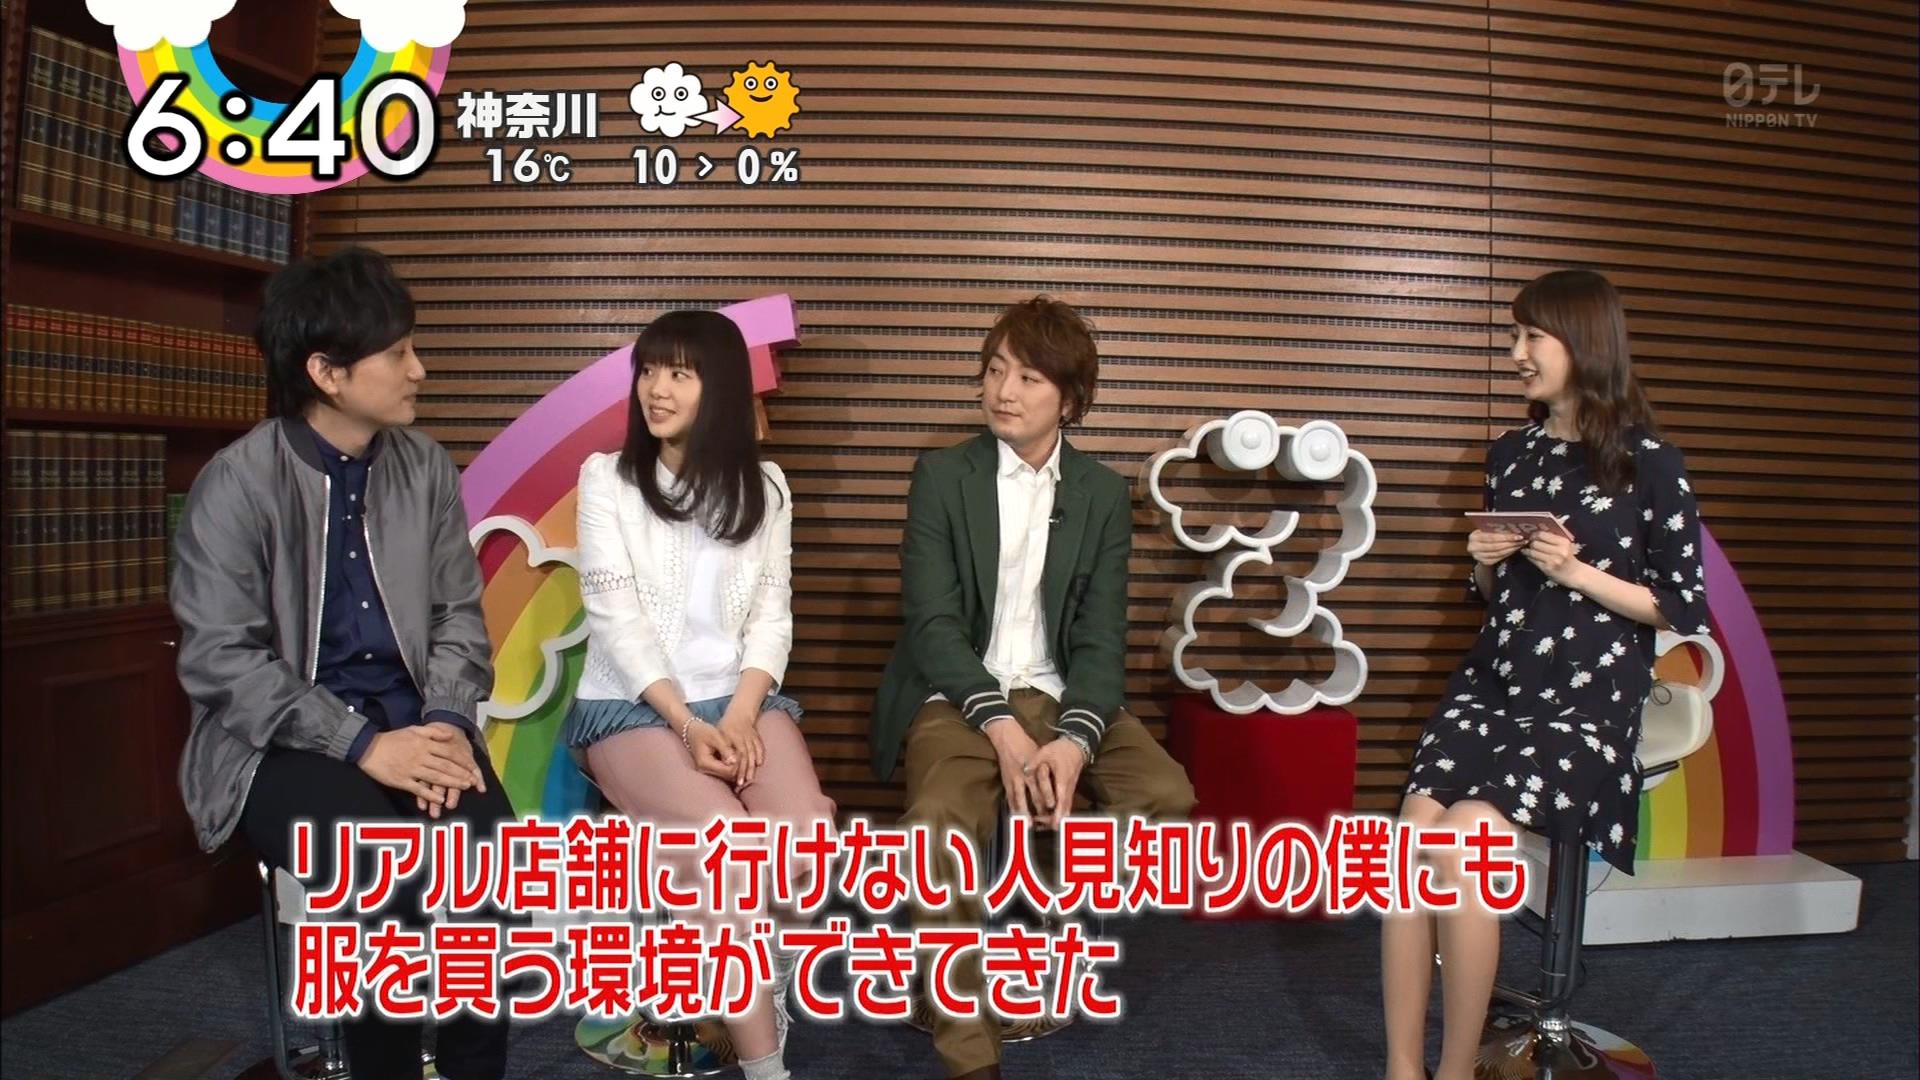 2016.03.22 10周年 いきものがかり - アルバム8作連続1位(ZIP!).ts_20160322_141016.720